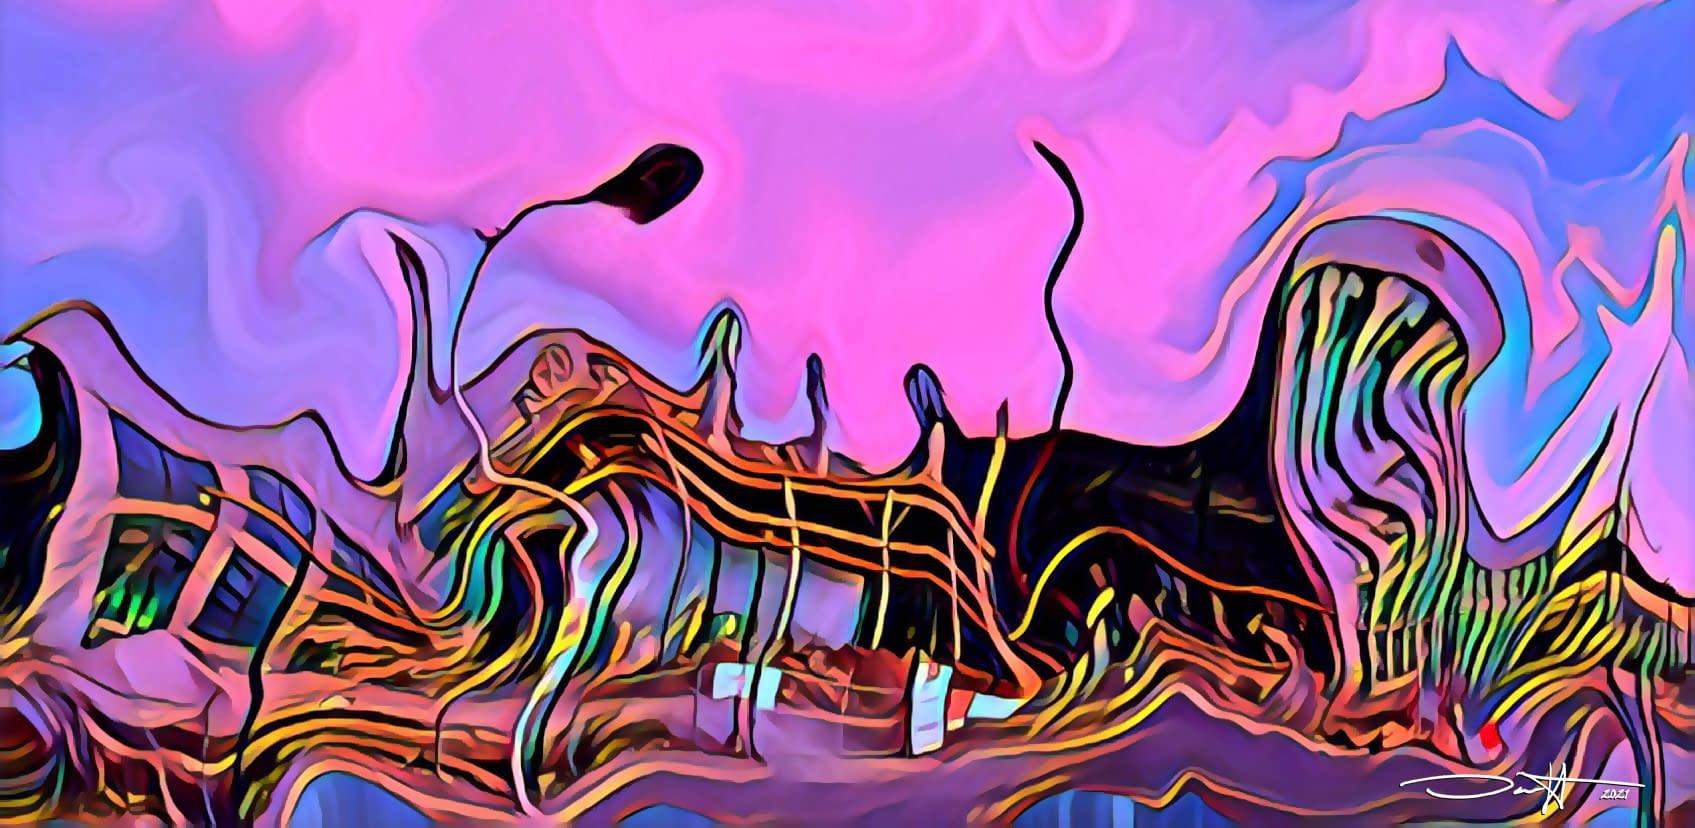 Purple Melting Rail Yards